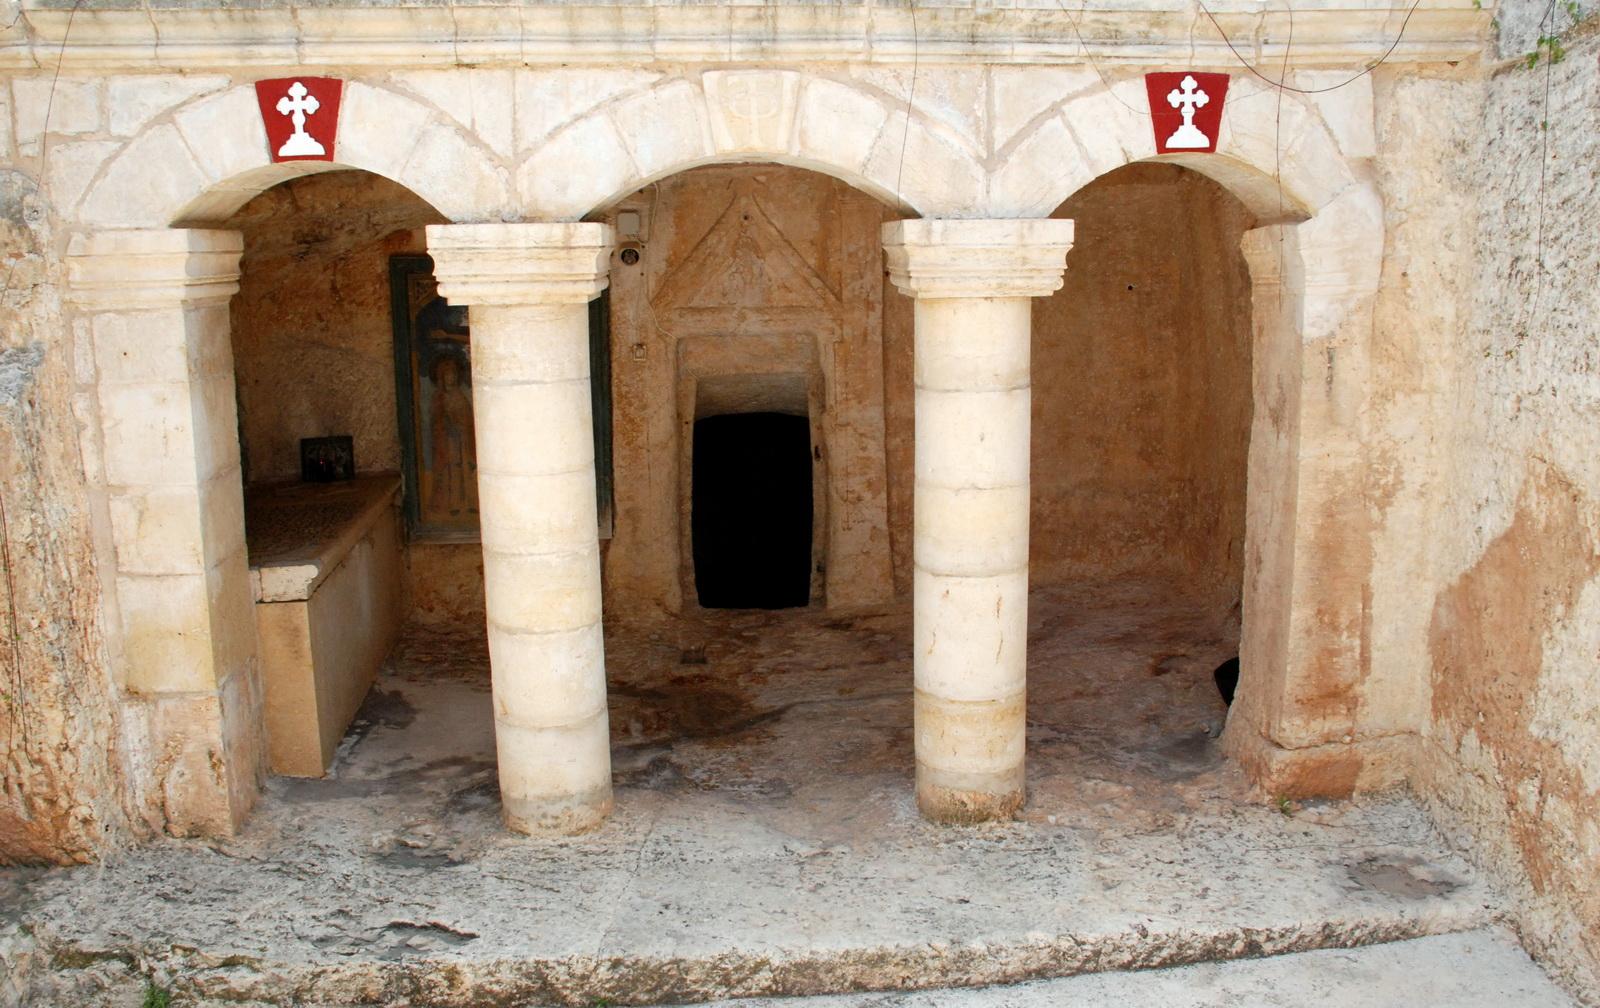 מנזר אונופוריוס - כניסה למערות הקבורה בקומת המרתף